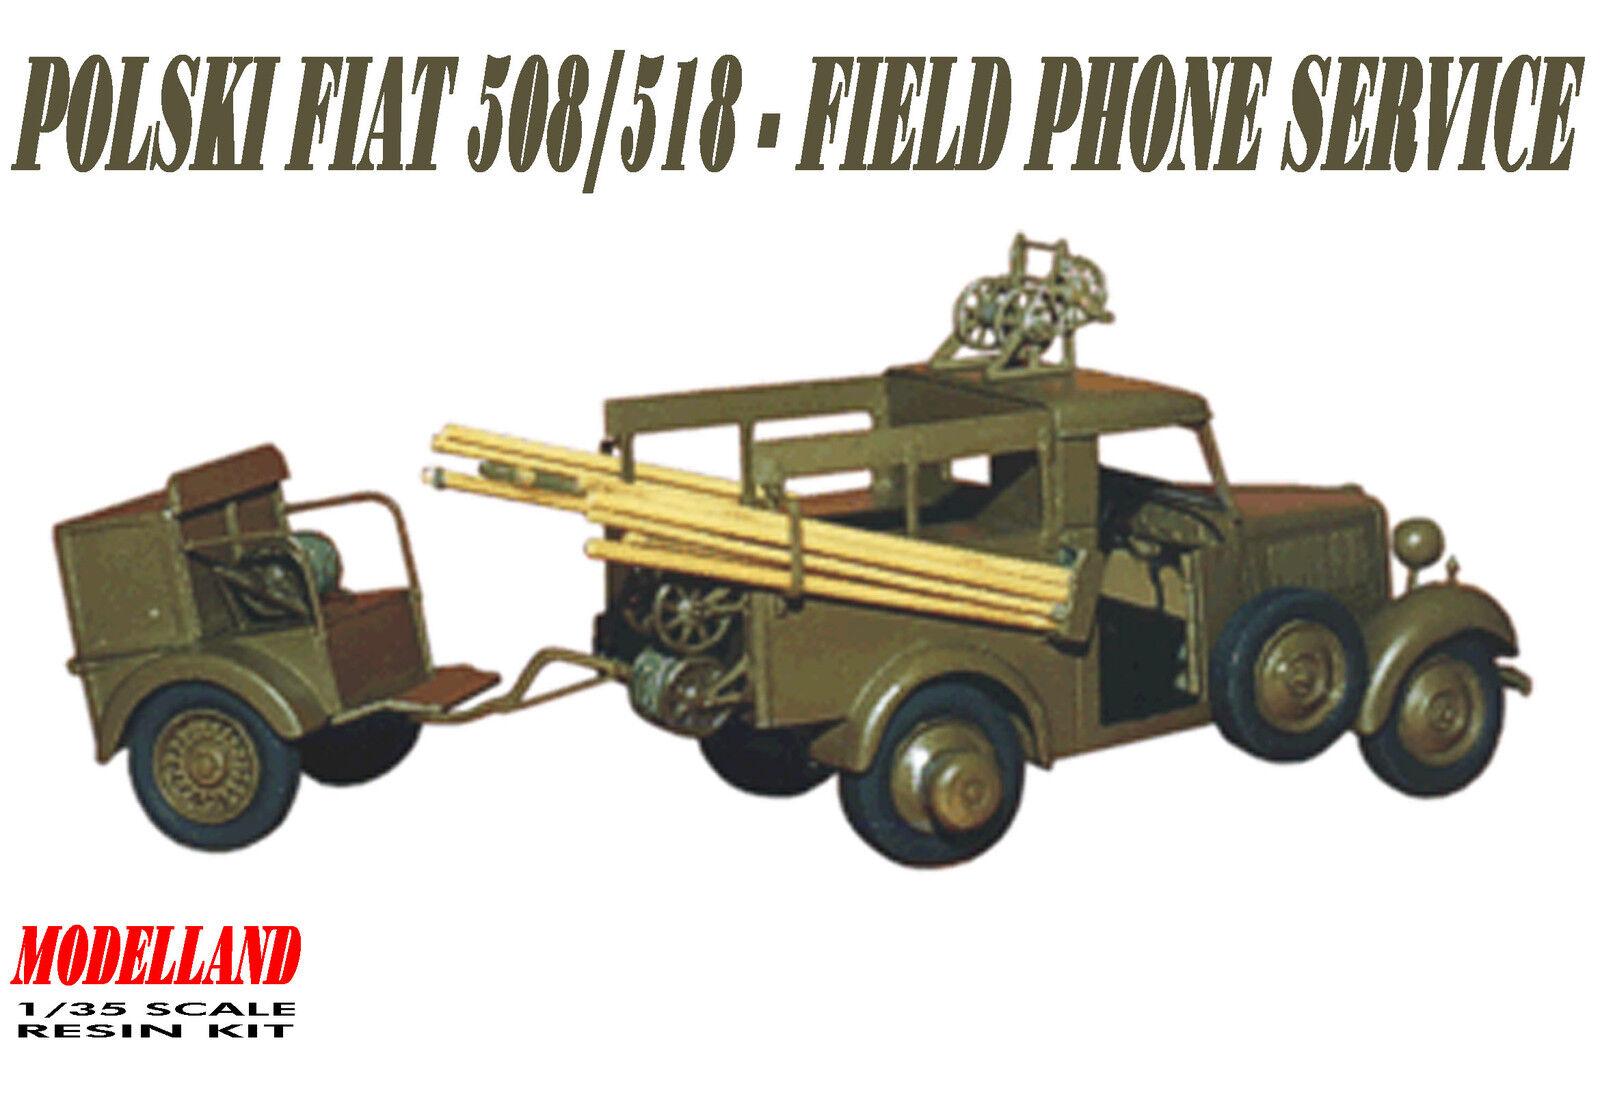 POLSKI FIAT 508 518 518 518 con   Remolque - Campo móvil Servicio - POLONIA 1939 1 35 4858c4